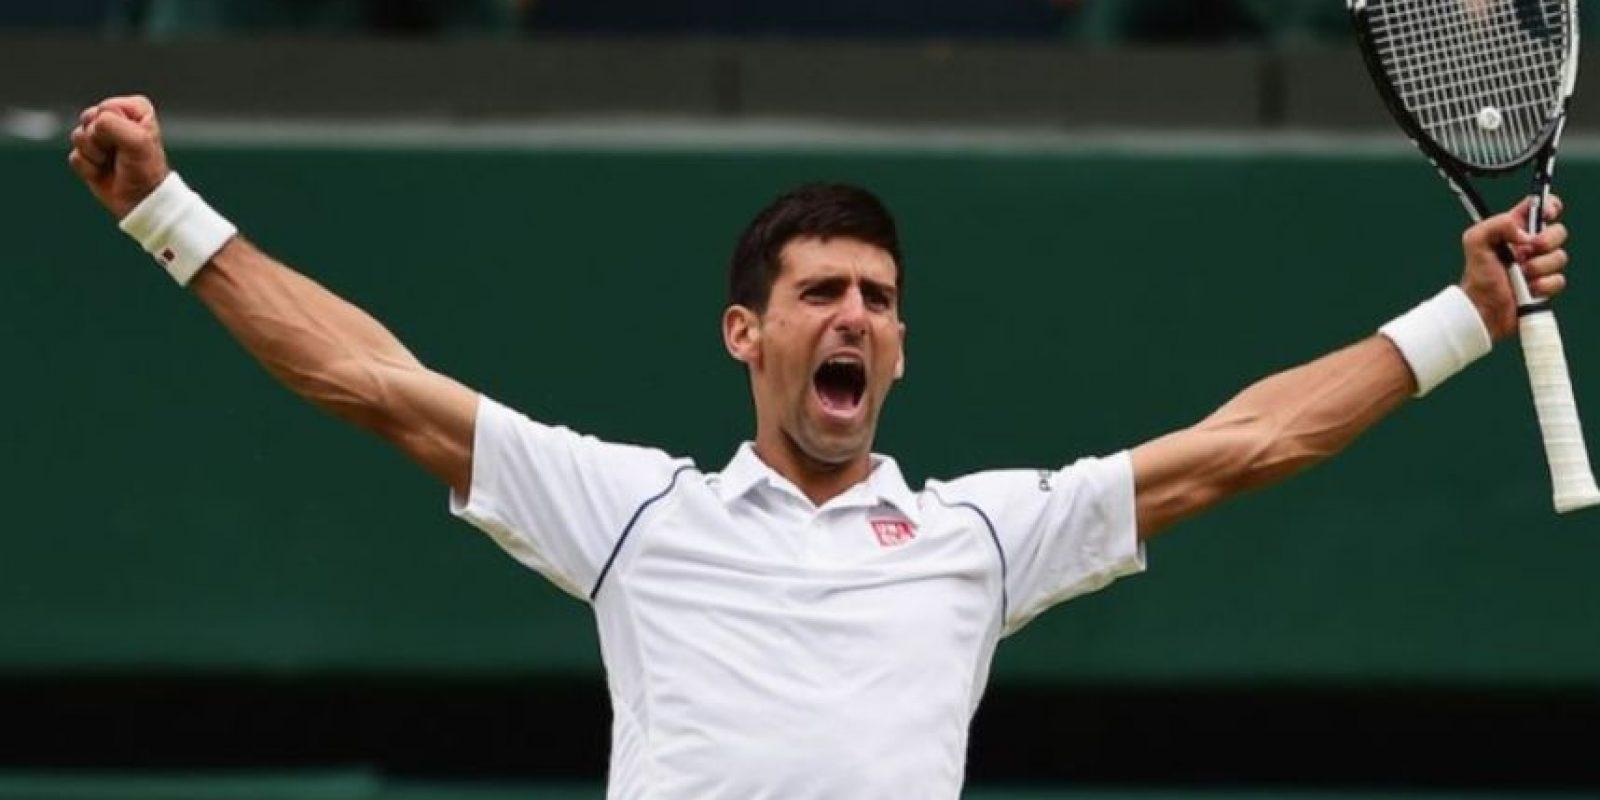 Novak Djokovic solamente ha perdido una de las siete finales que ha disputado ante Roger Federer desde 2014. Foto:Getty Images